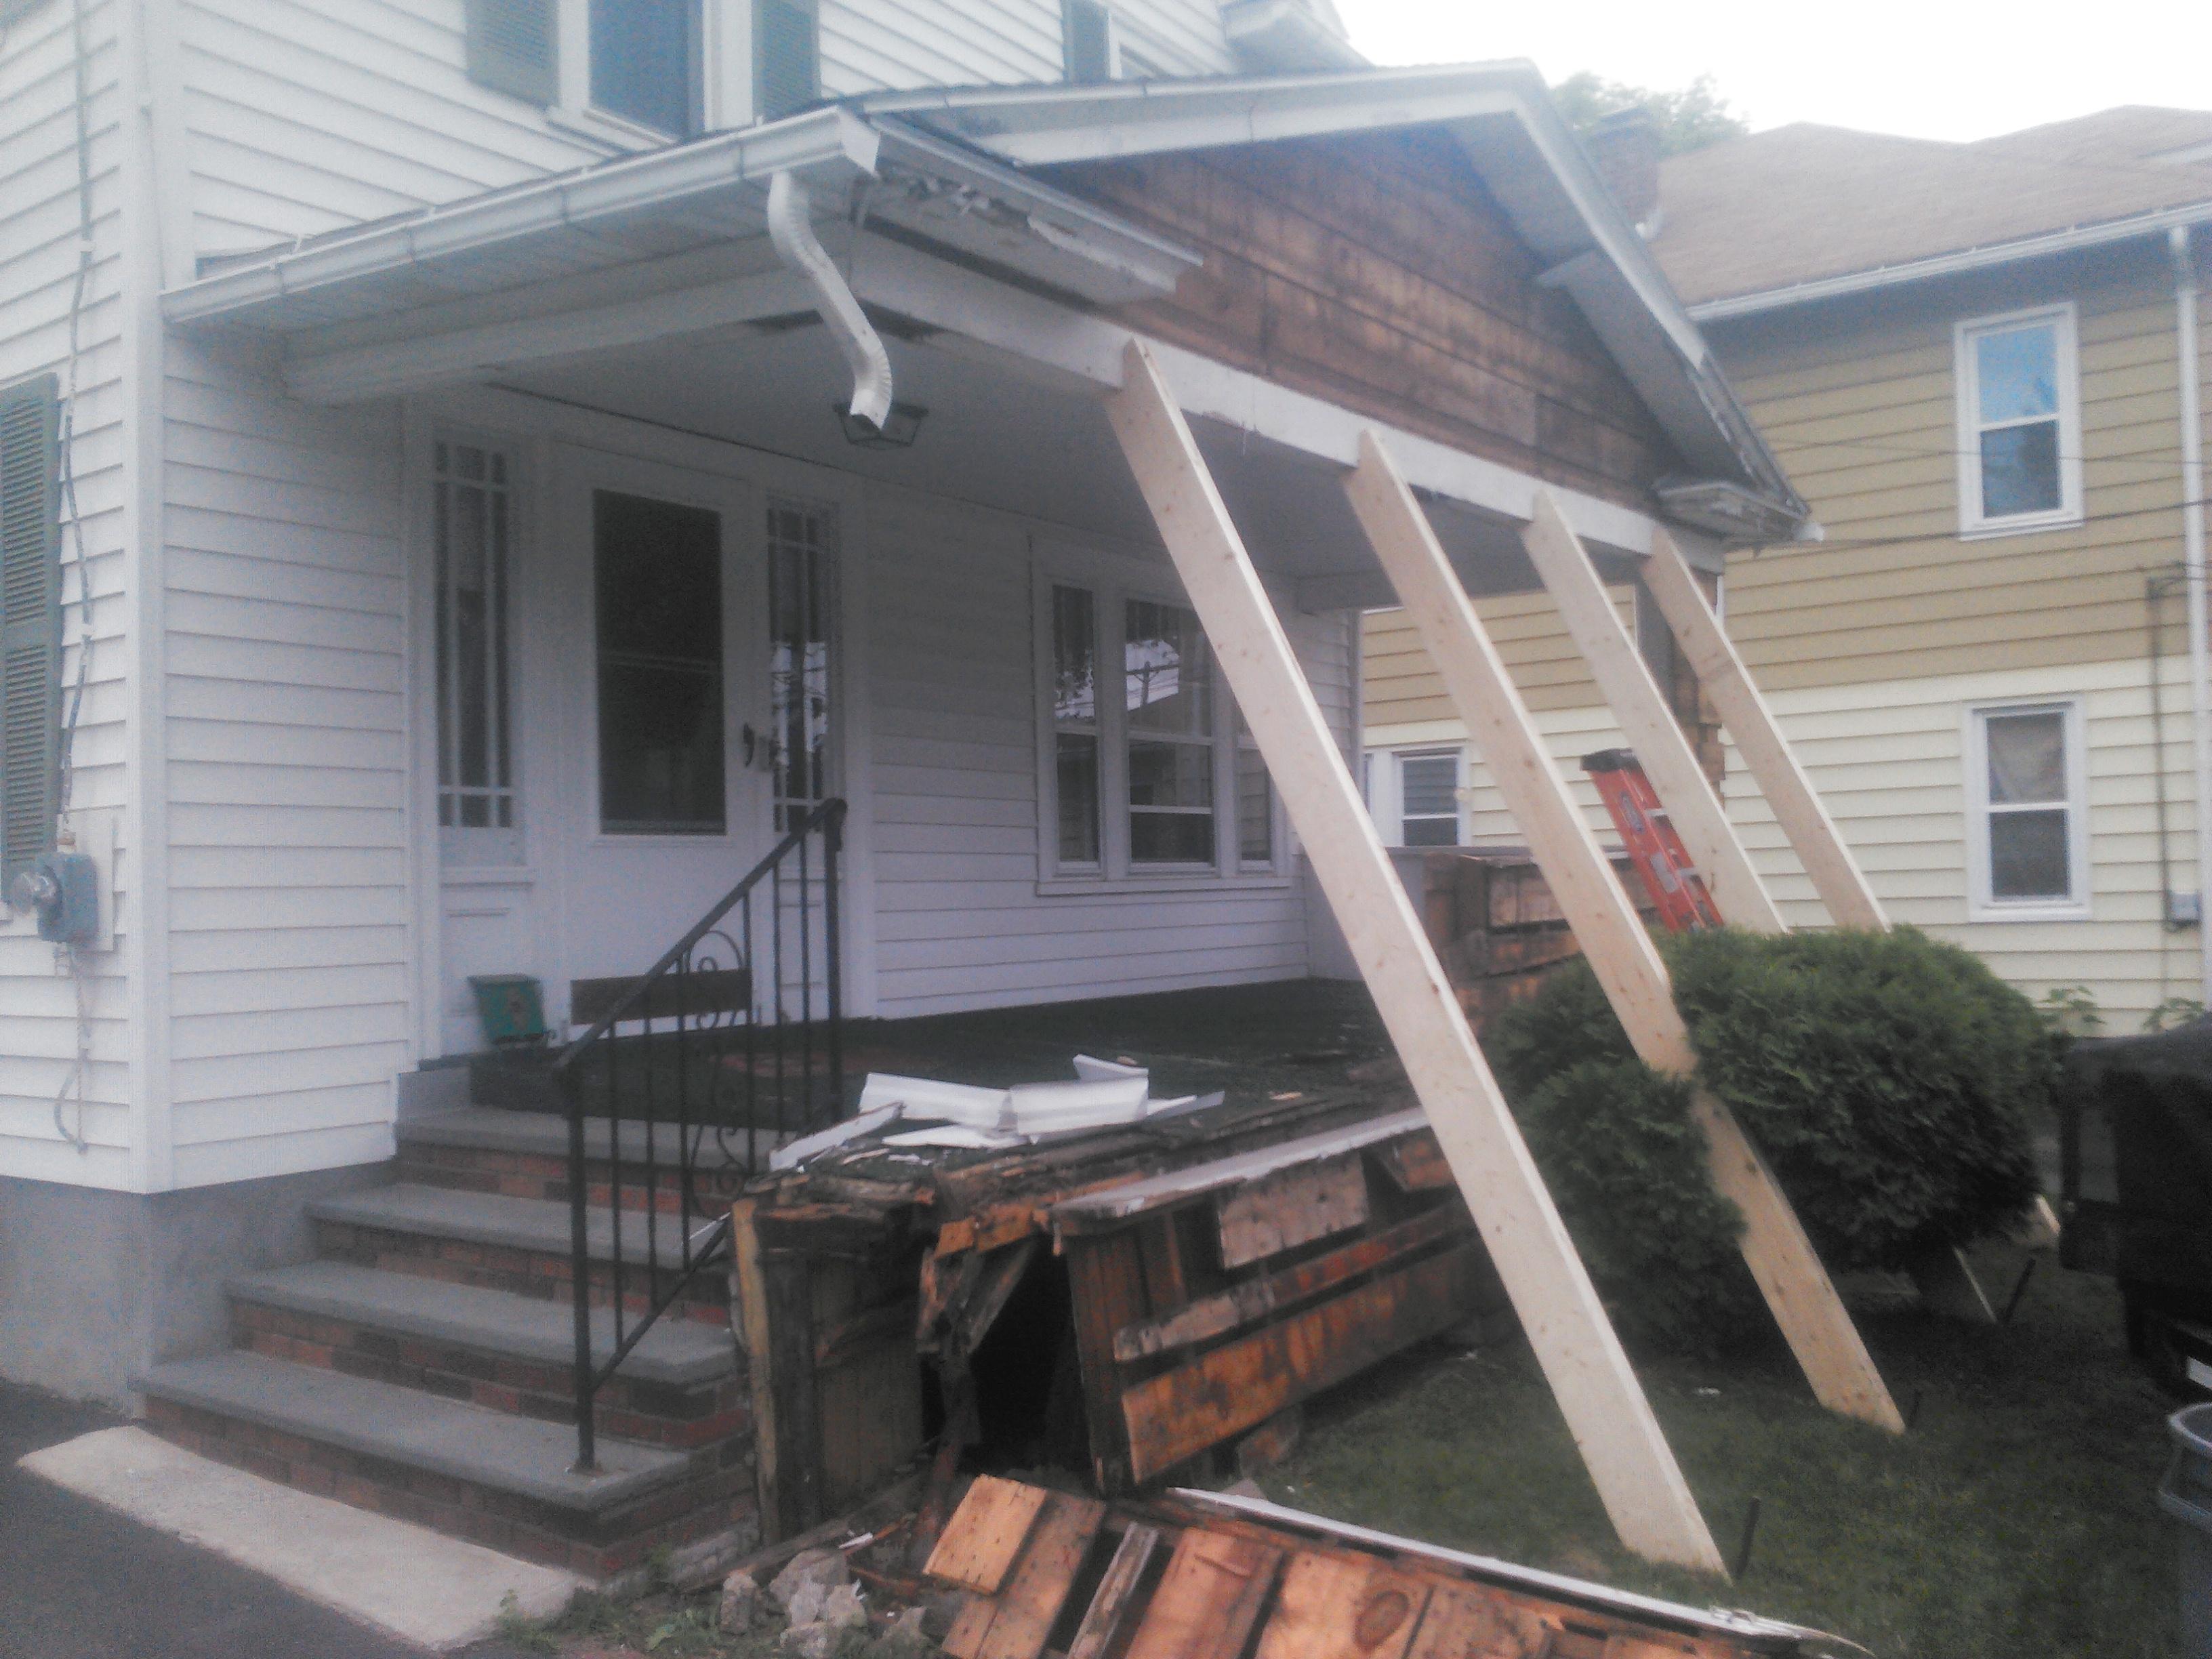 New Porch Cultured Stone Brick Install Binghamton NY Snow 39 S Buil